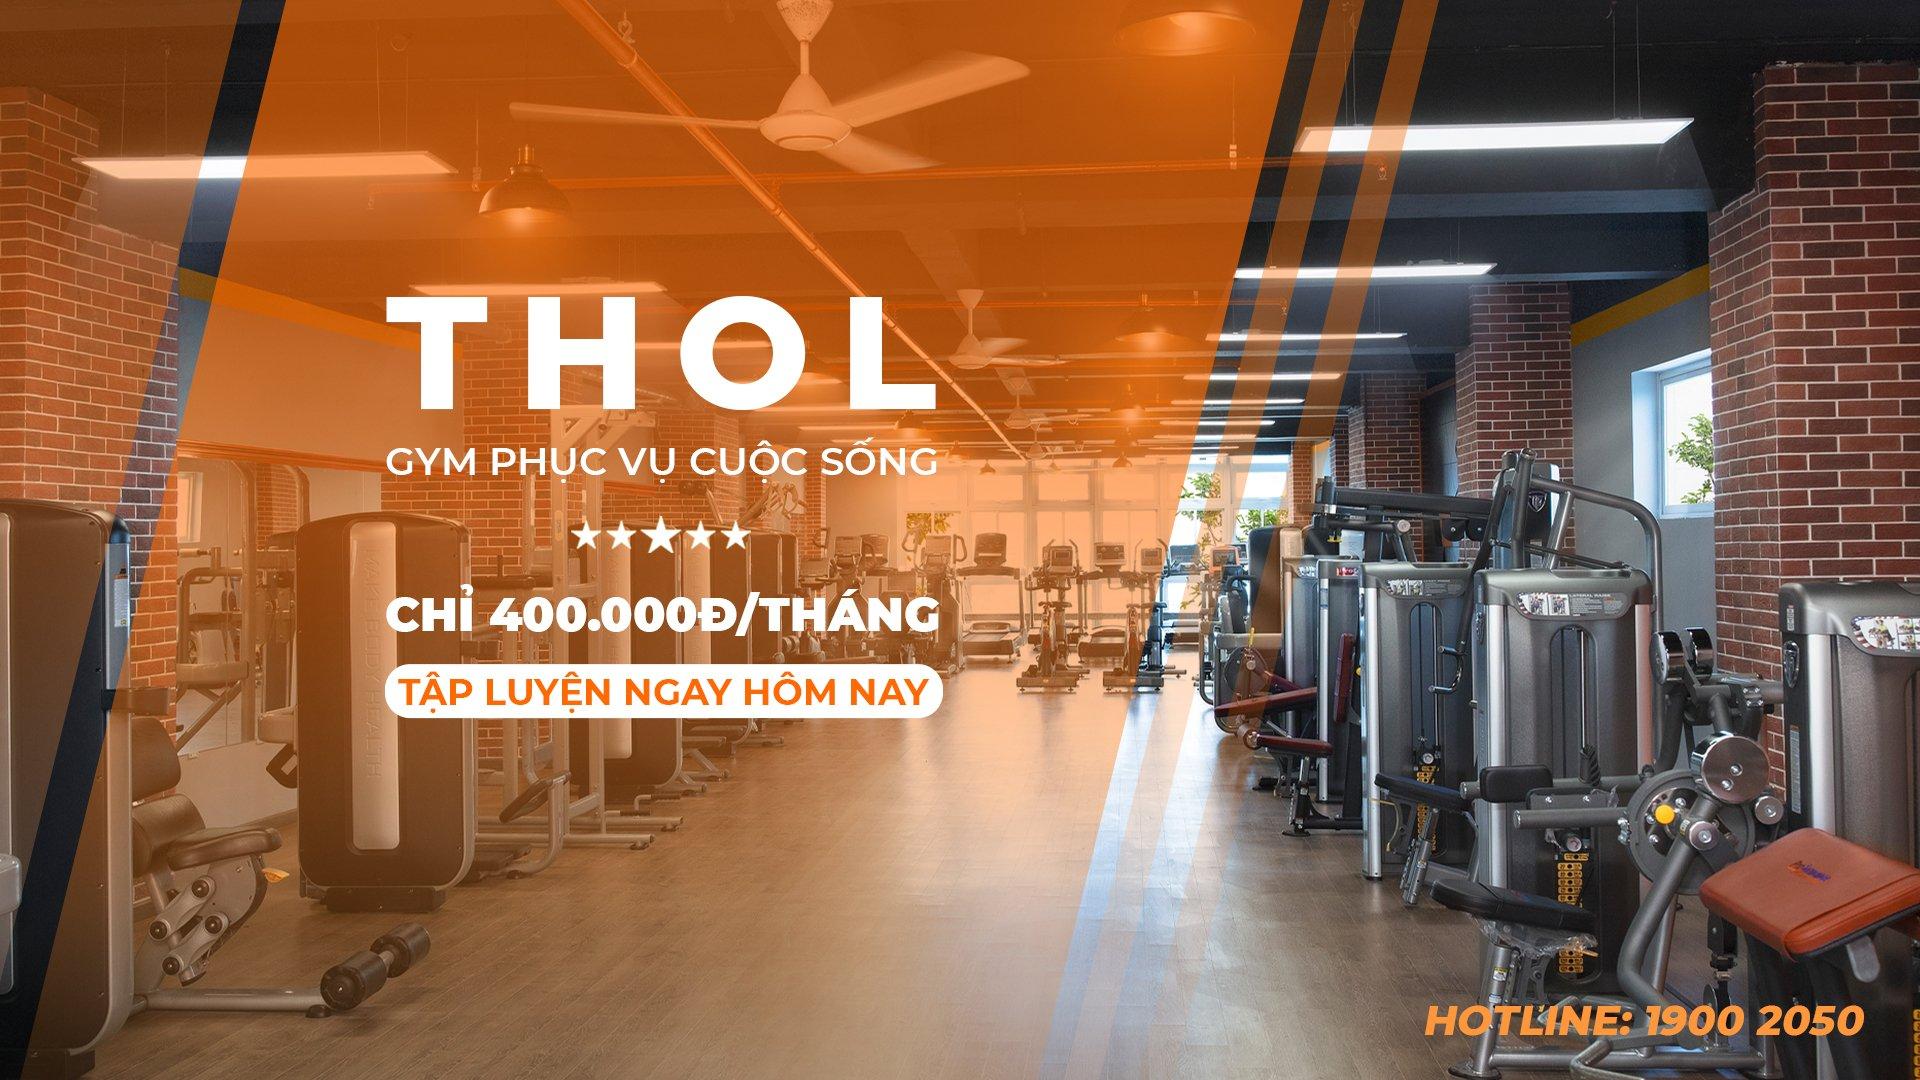 THOL Gym Center - Nơi sự tập luyện được thăng hoa